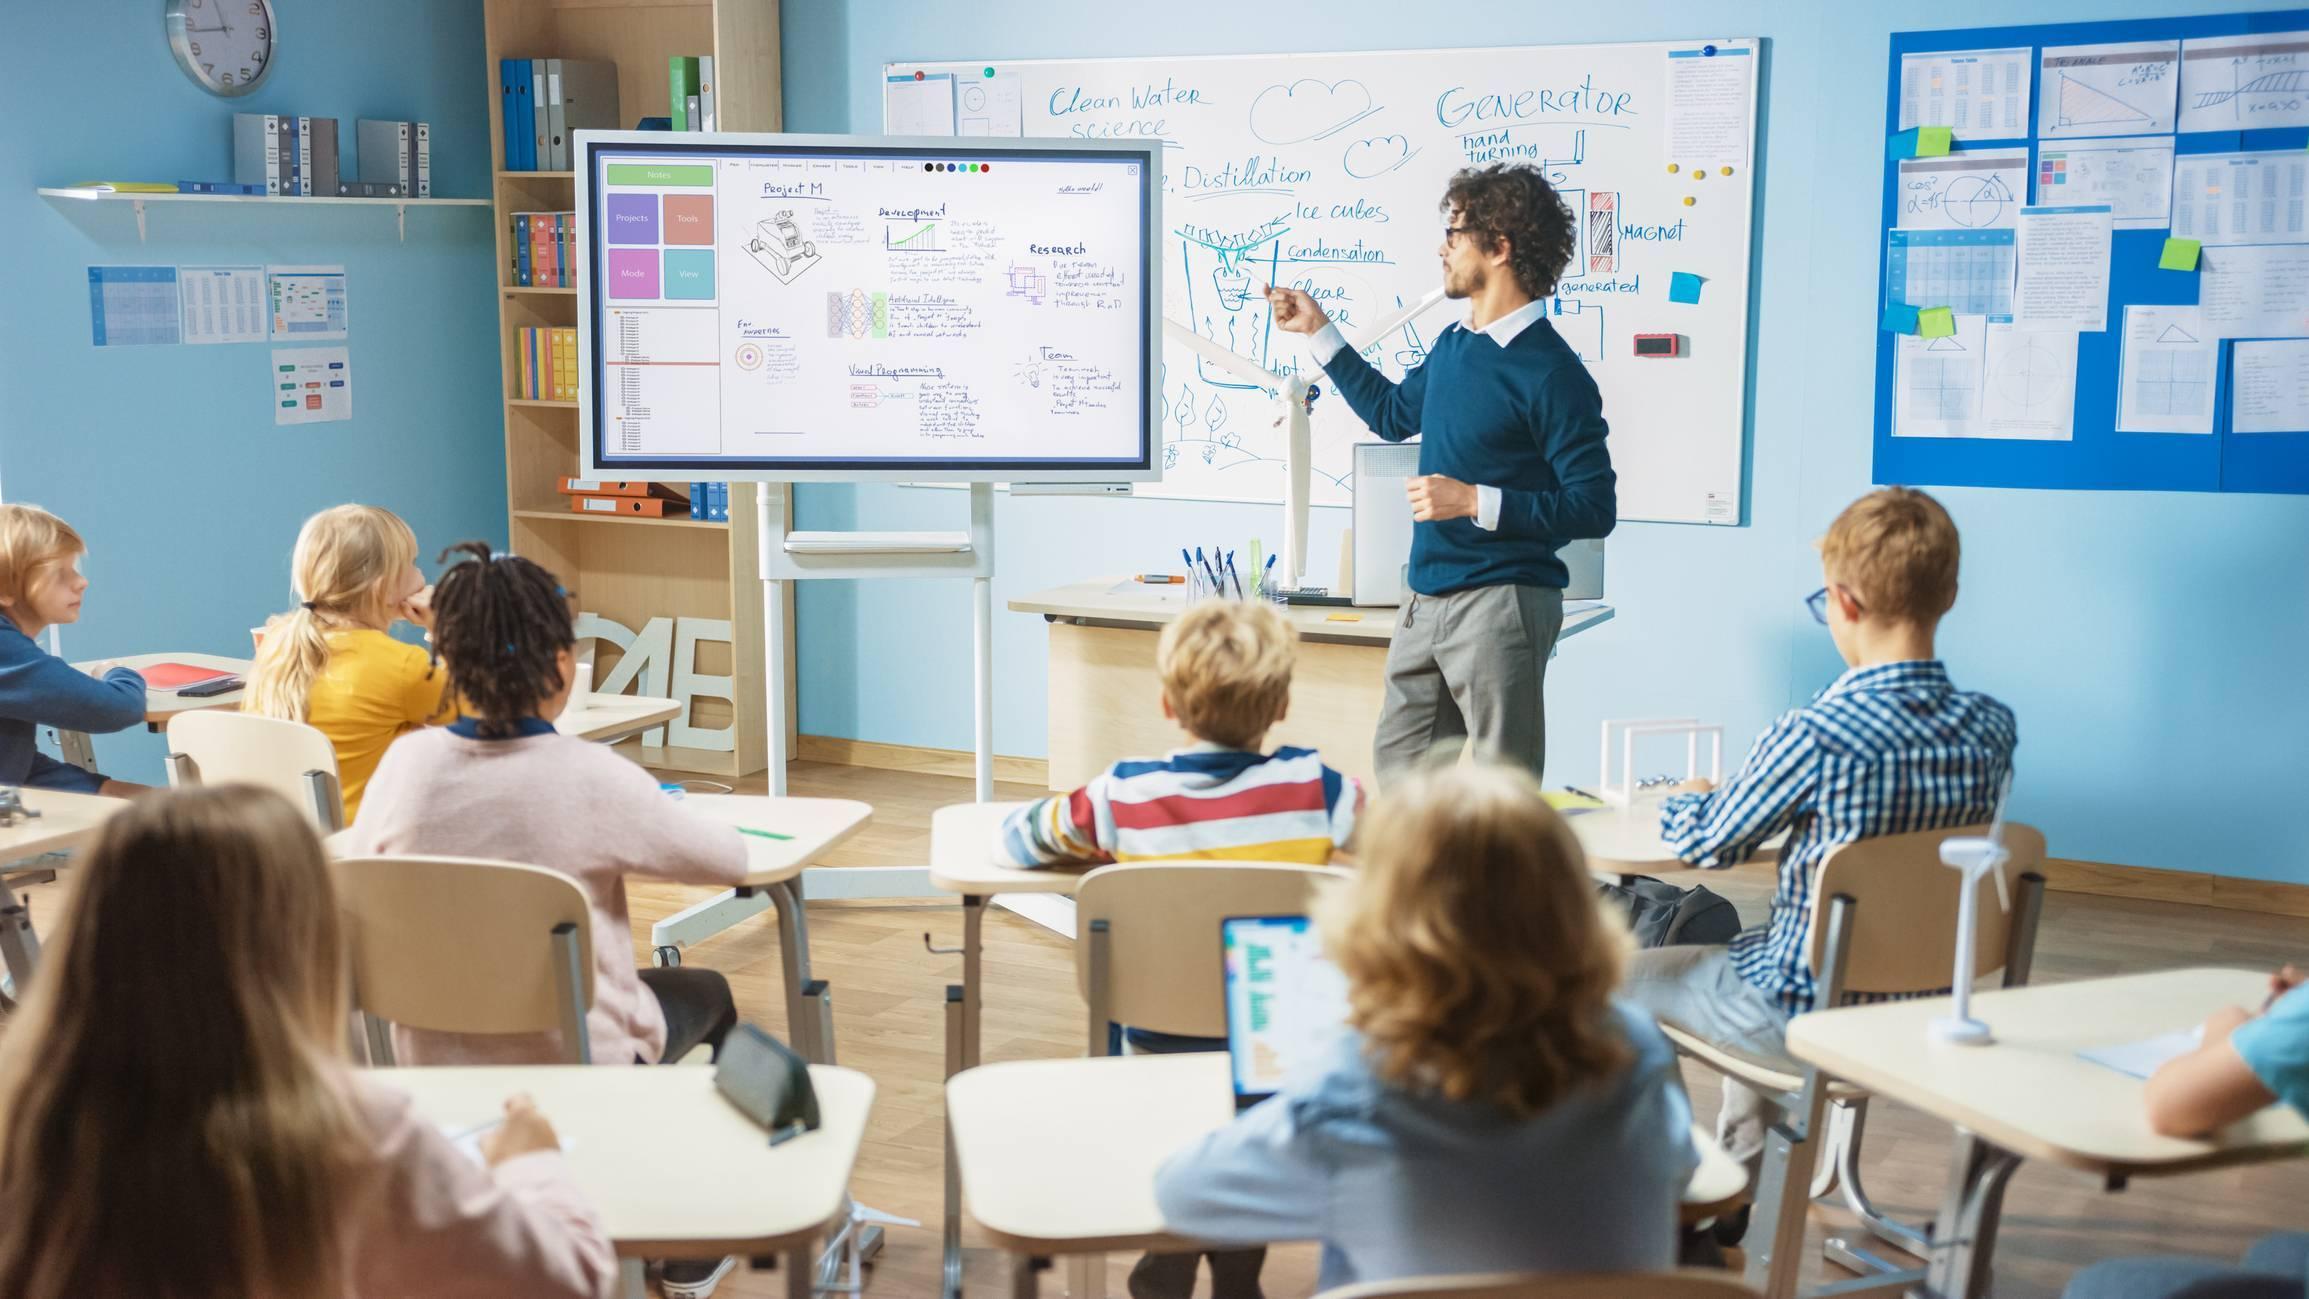 classe école mobilier scolaire vidéoprojecteur